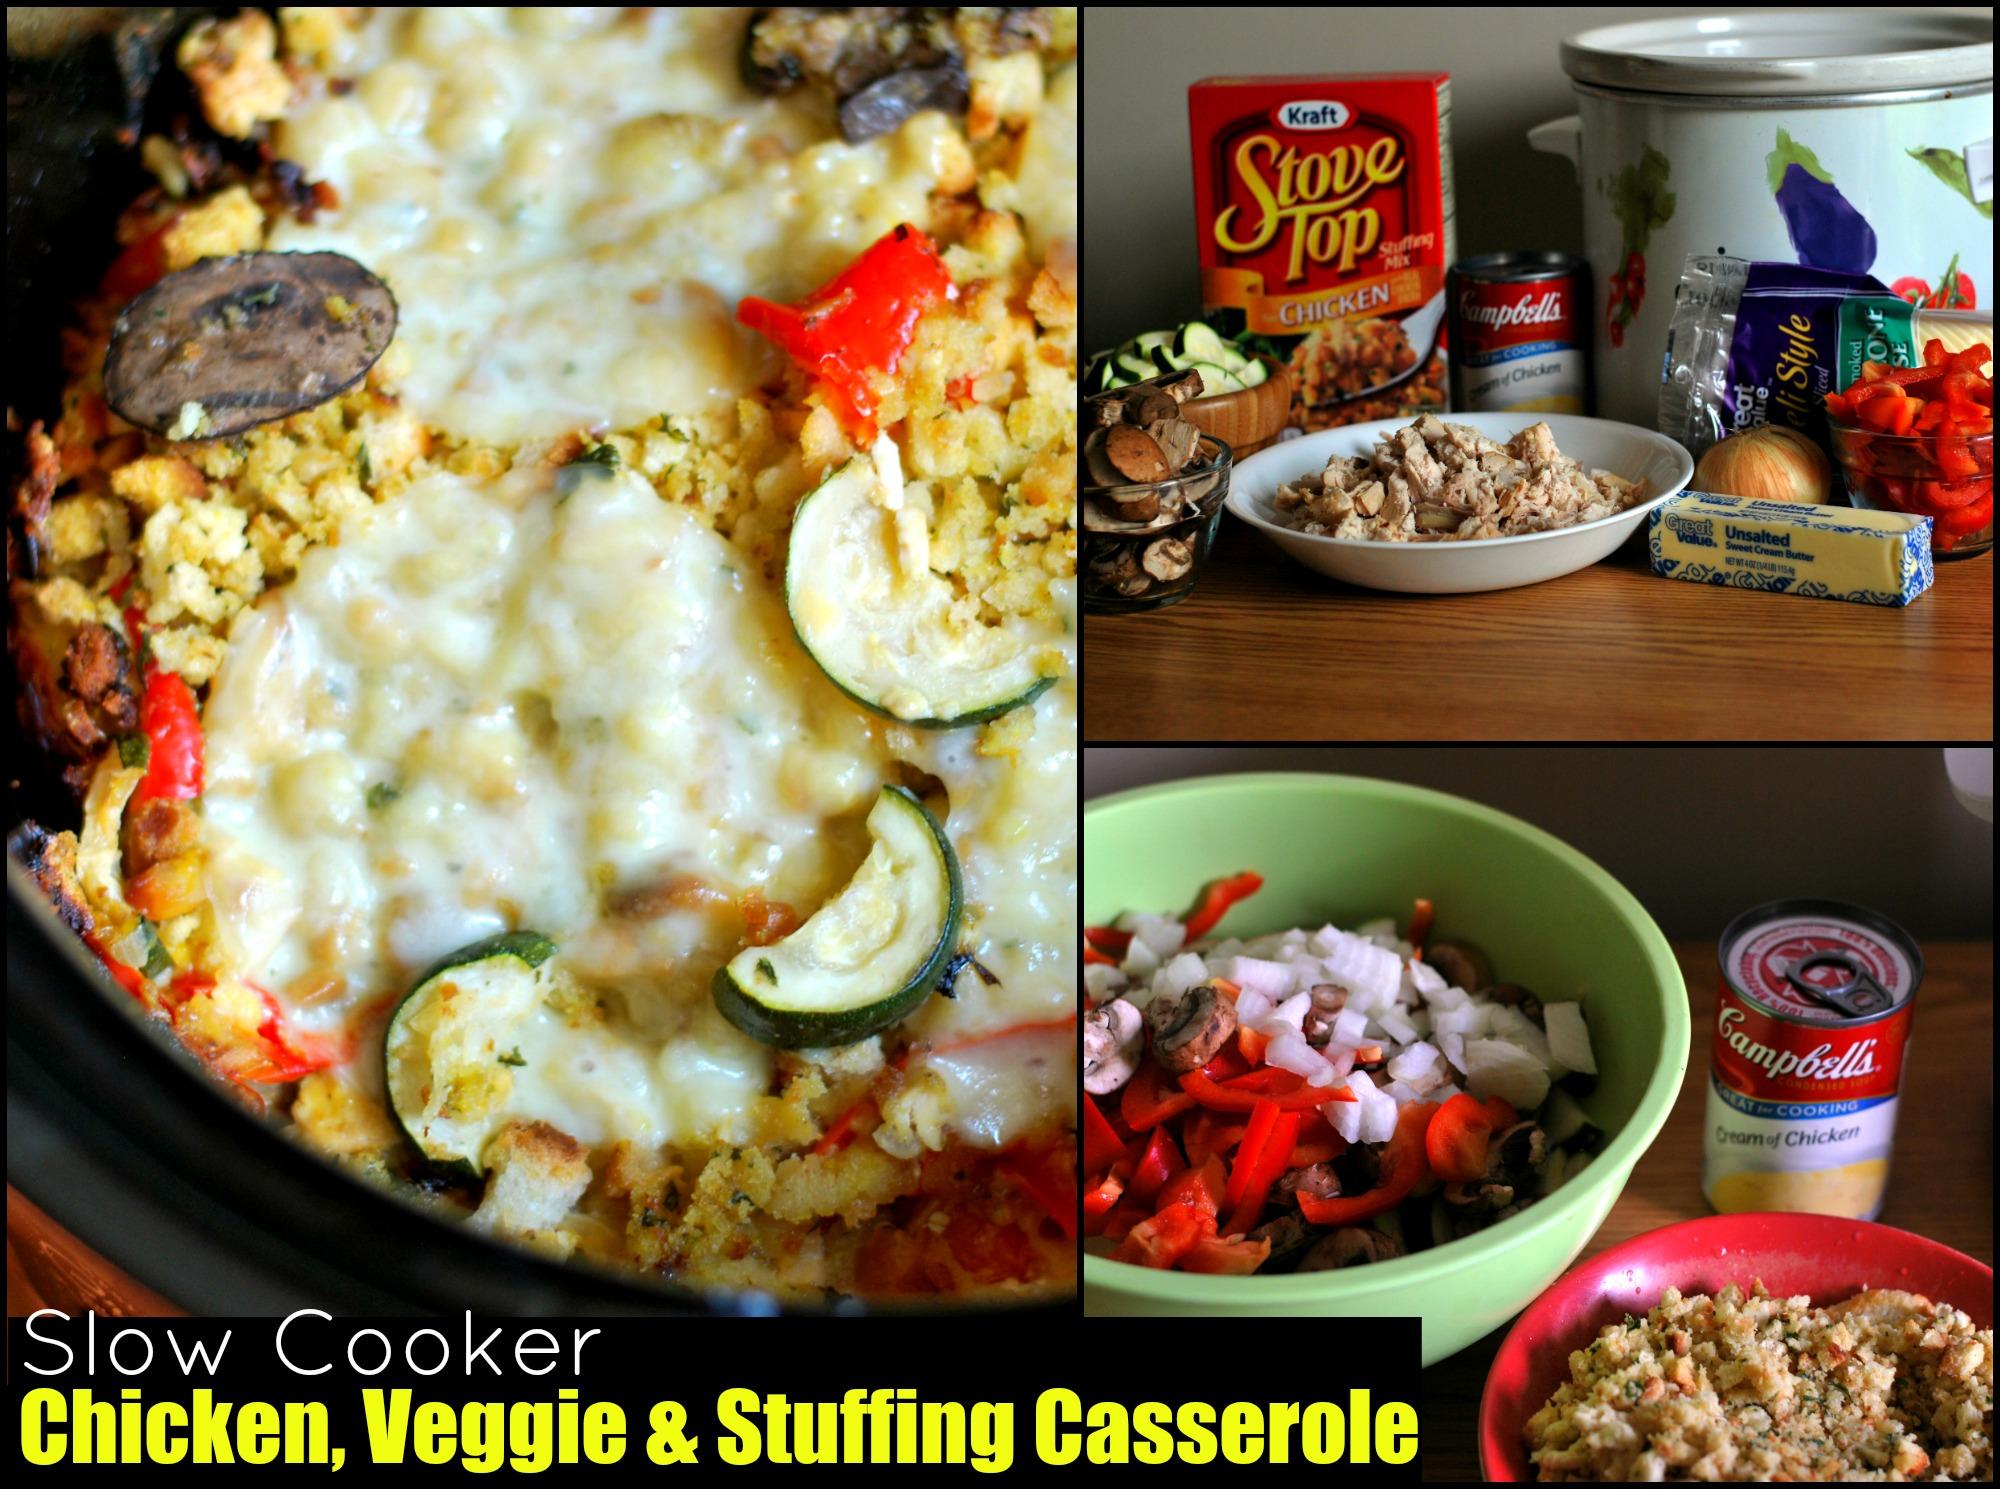 Slow Cooker Chicken, Veggie & Stuffing Casserole